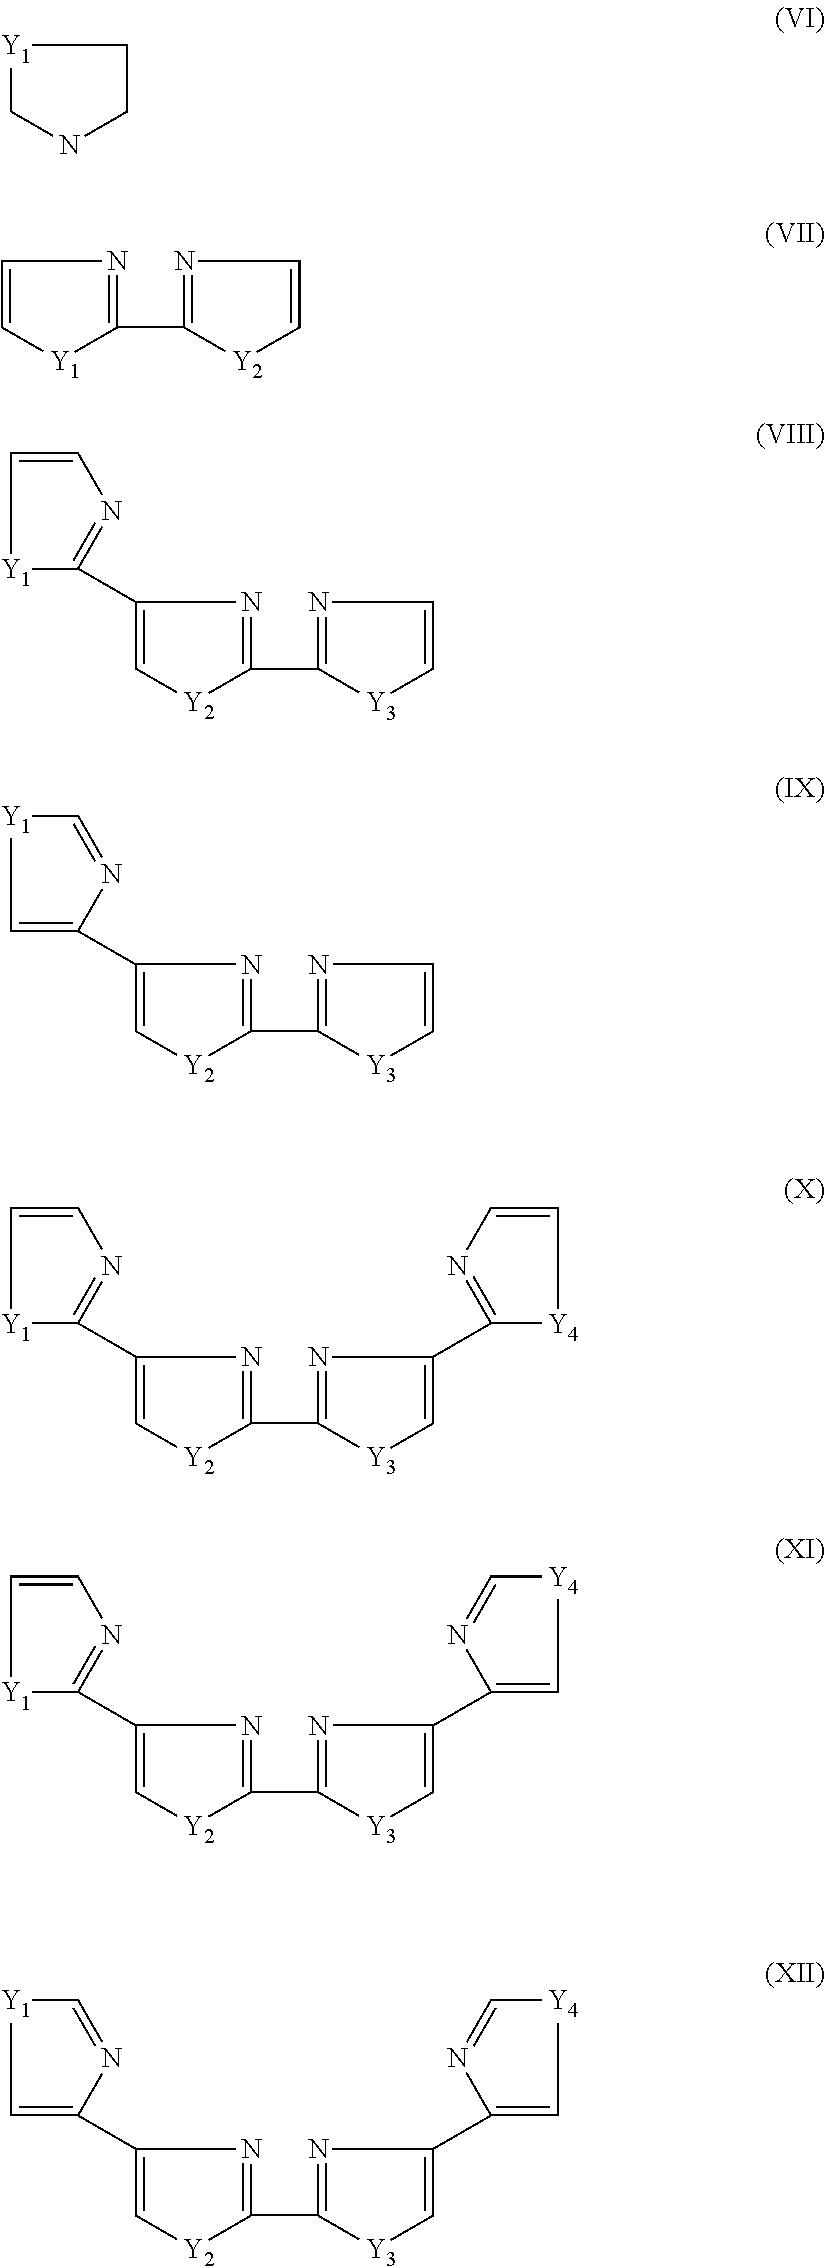 Figure US20100012521A1-20100121-C00005